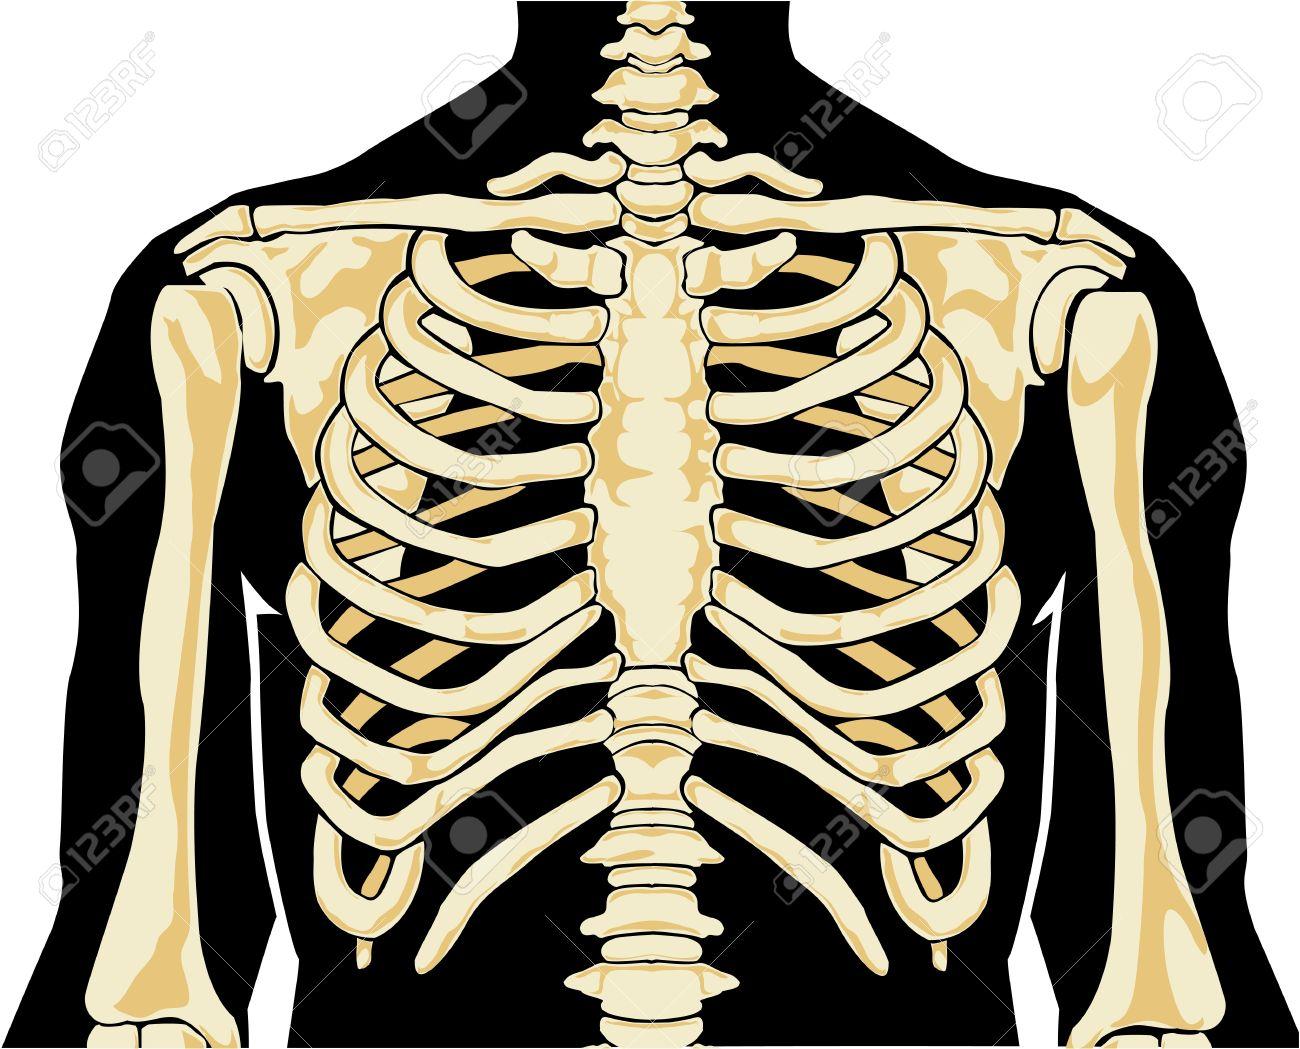 La Anatomía Humana. En El Pecho. Ilustración Del Vector ...